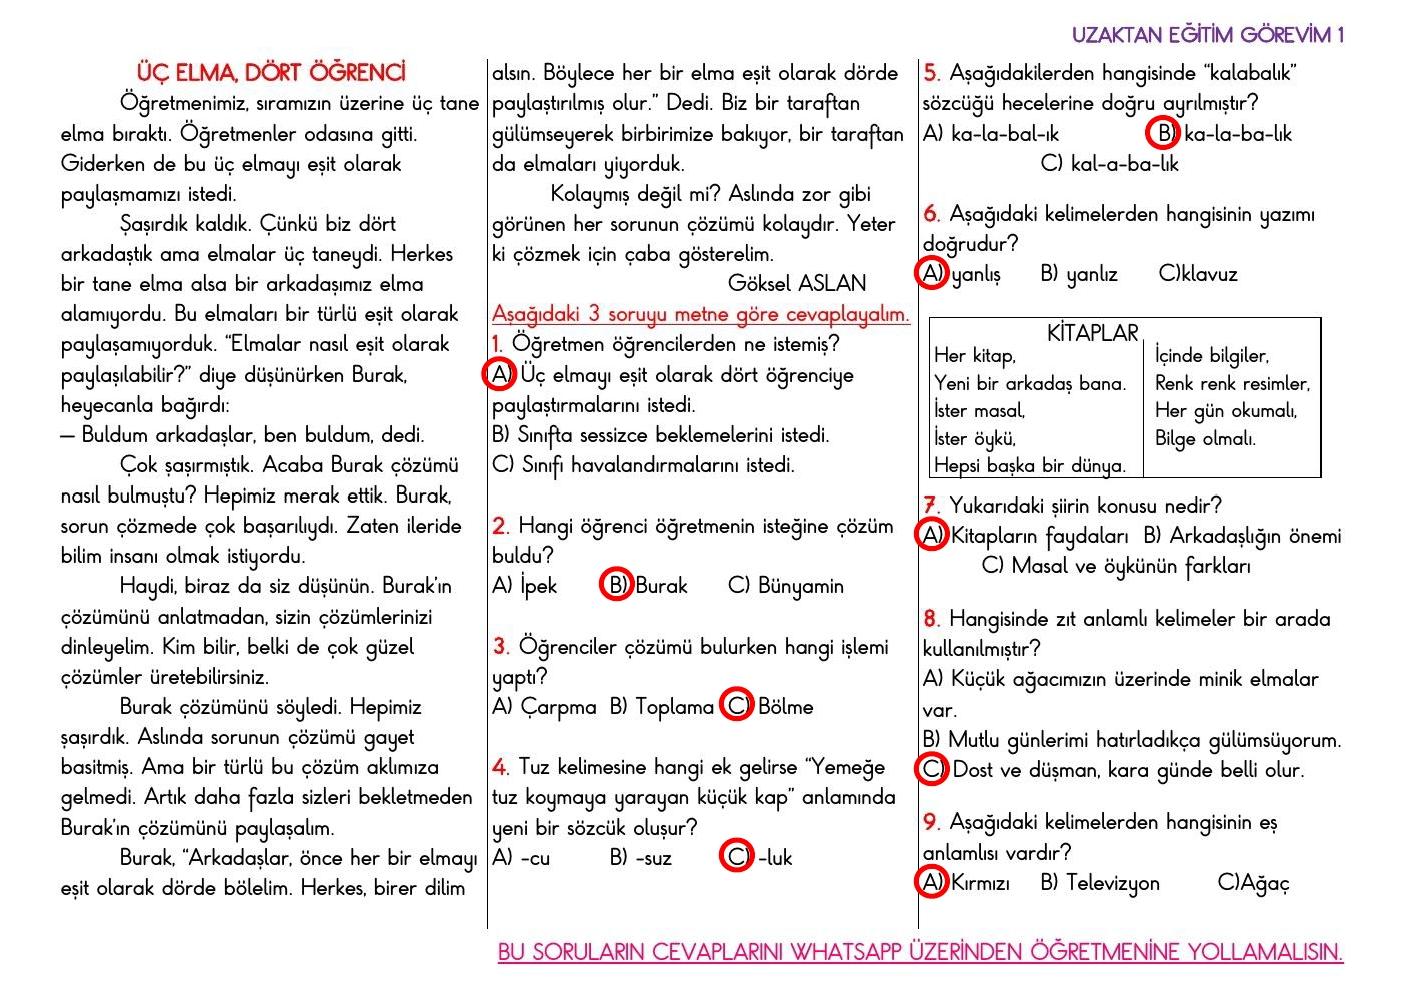 Uzaktan Eğitim Türkçe Görevi 1